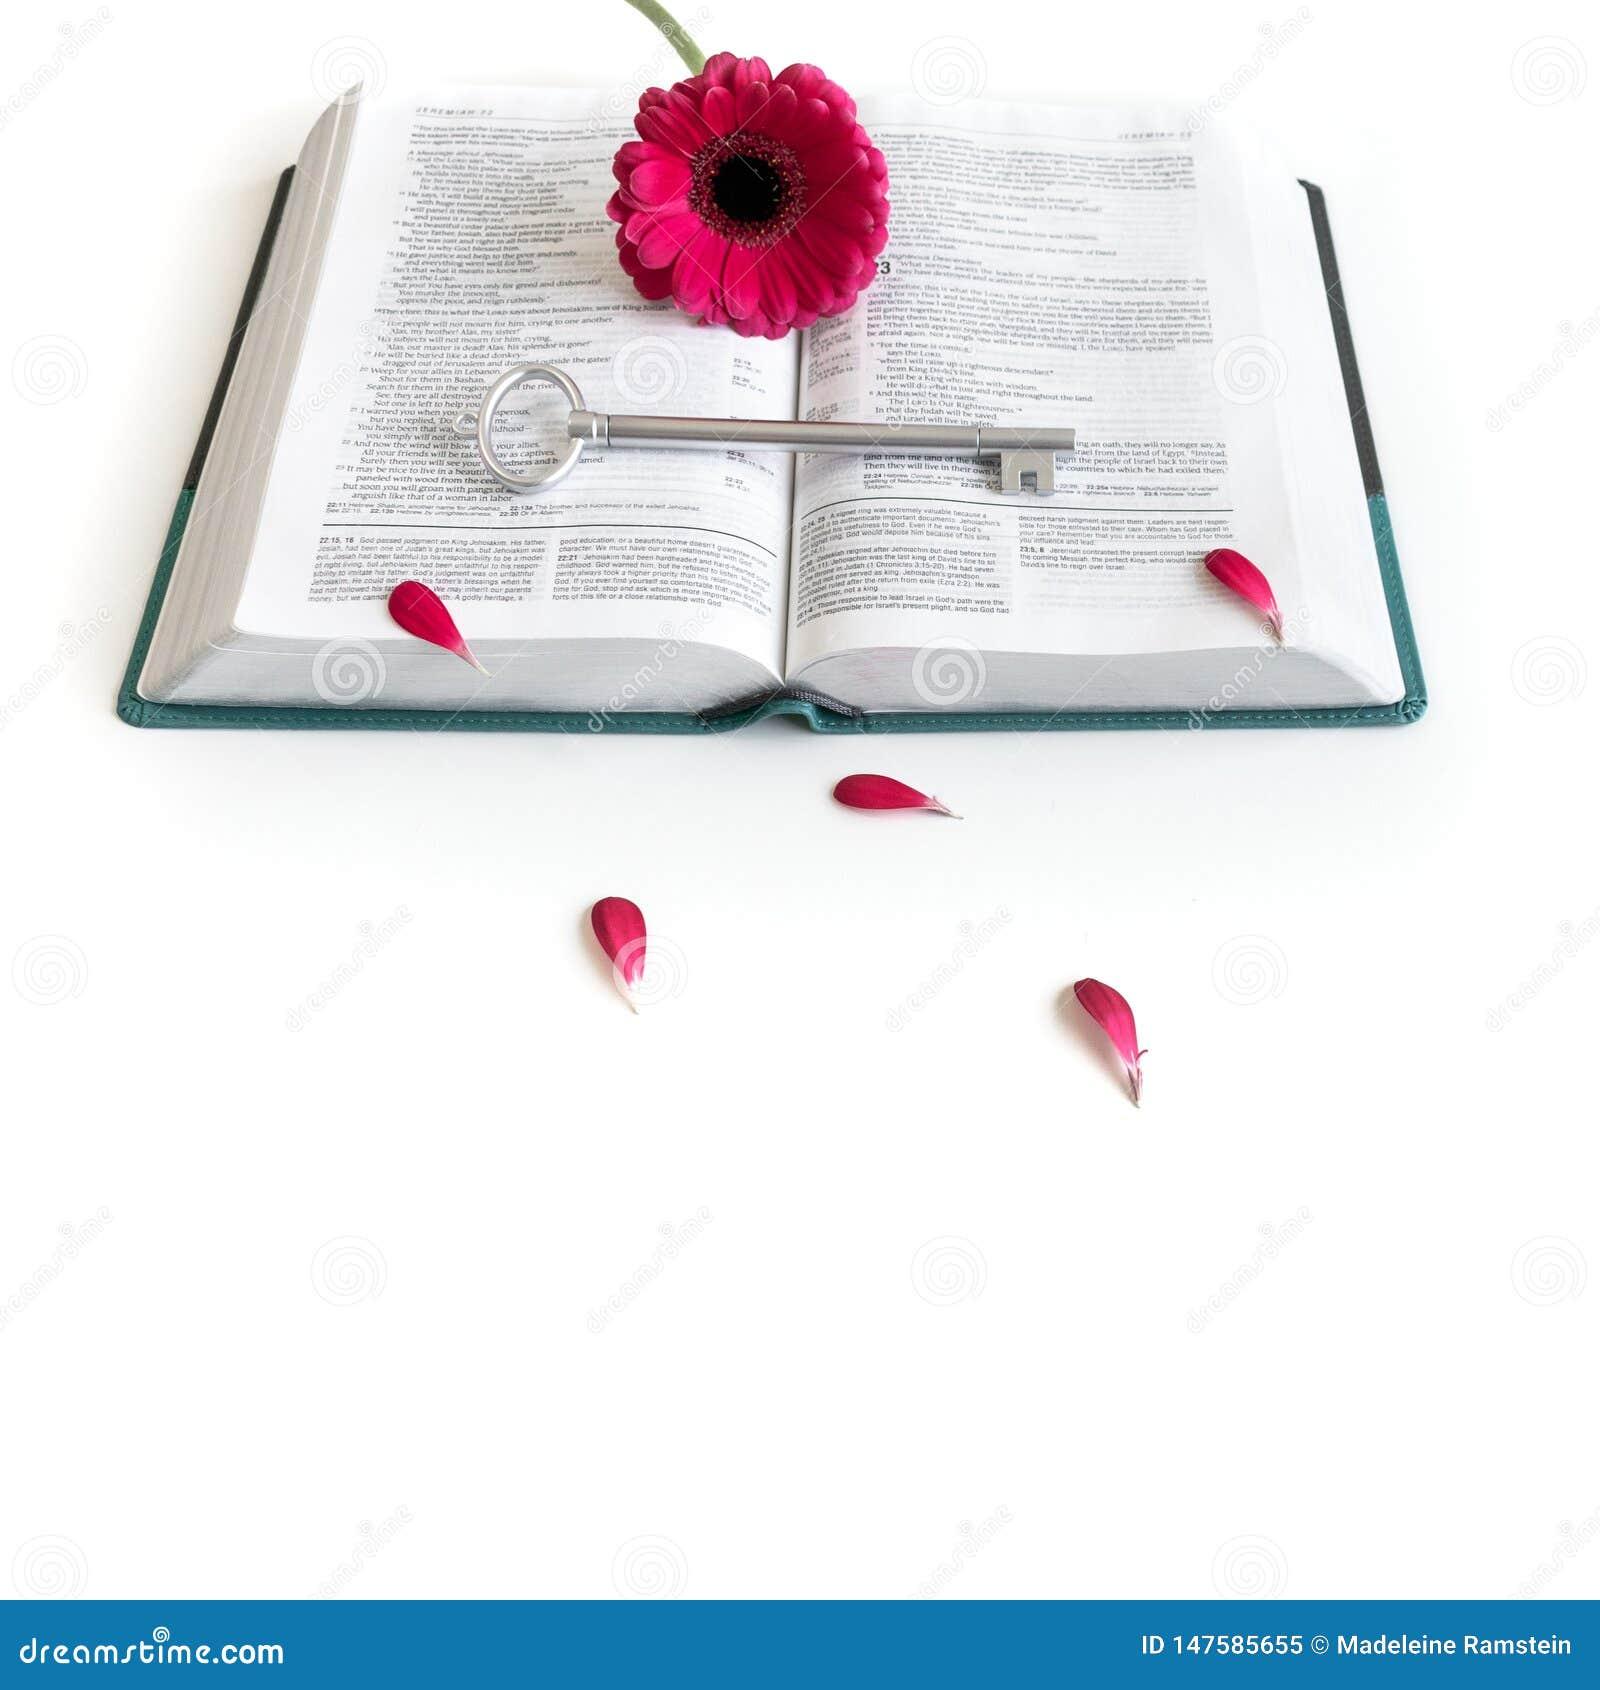 Επίπεδος βάλτε: η ανοικτή Βίβλος, βιβλίο, γκρίζο/ασημώνει βασικός και ρόδινος, πορφυρός, violette, κόκκινο λουλούδι Gerbera με τα